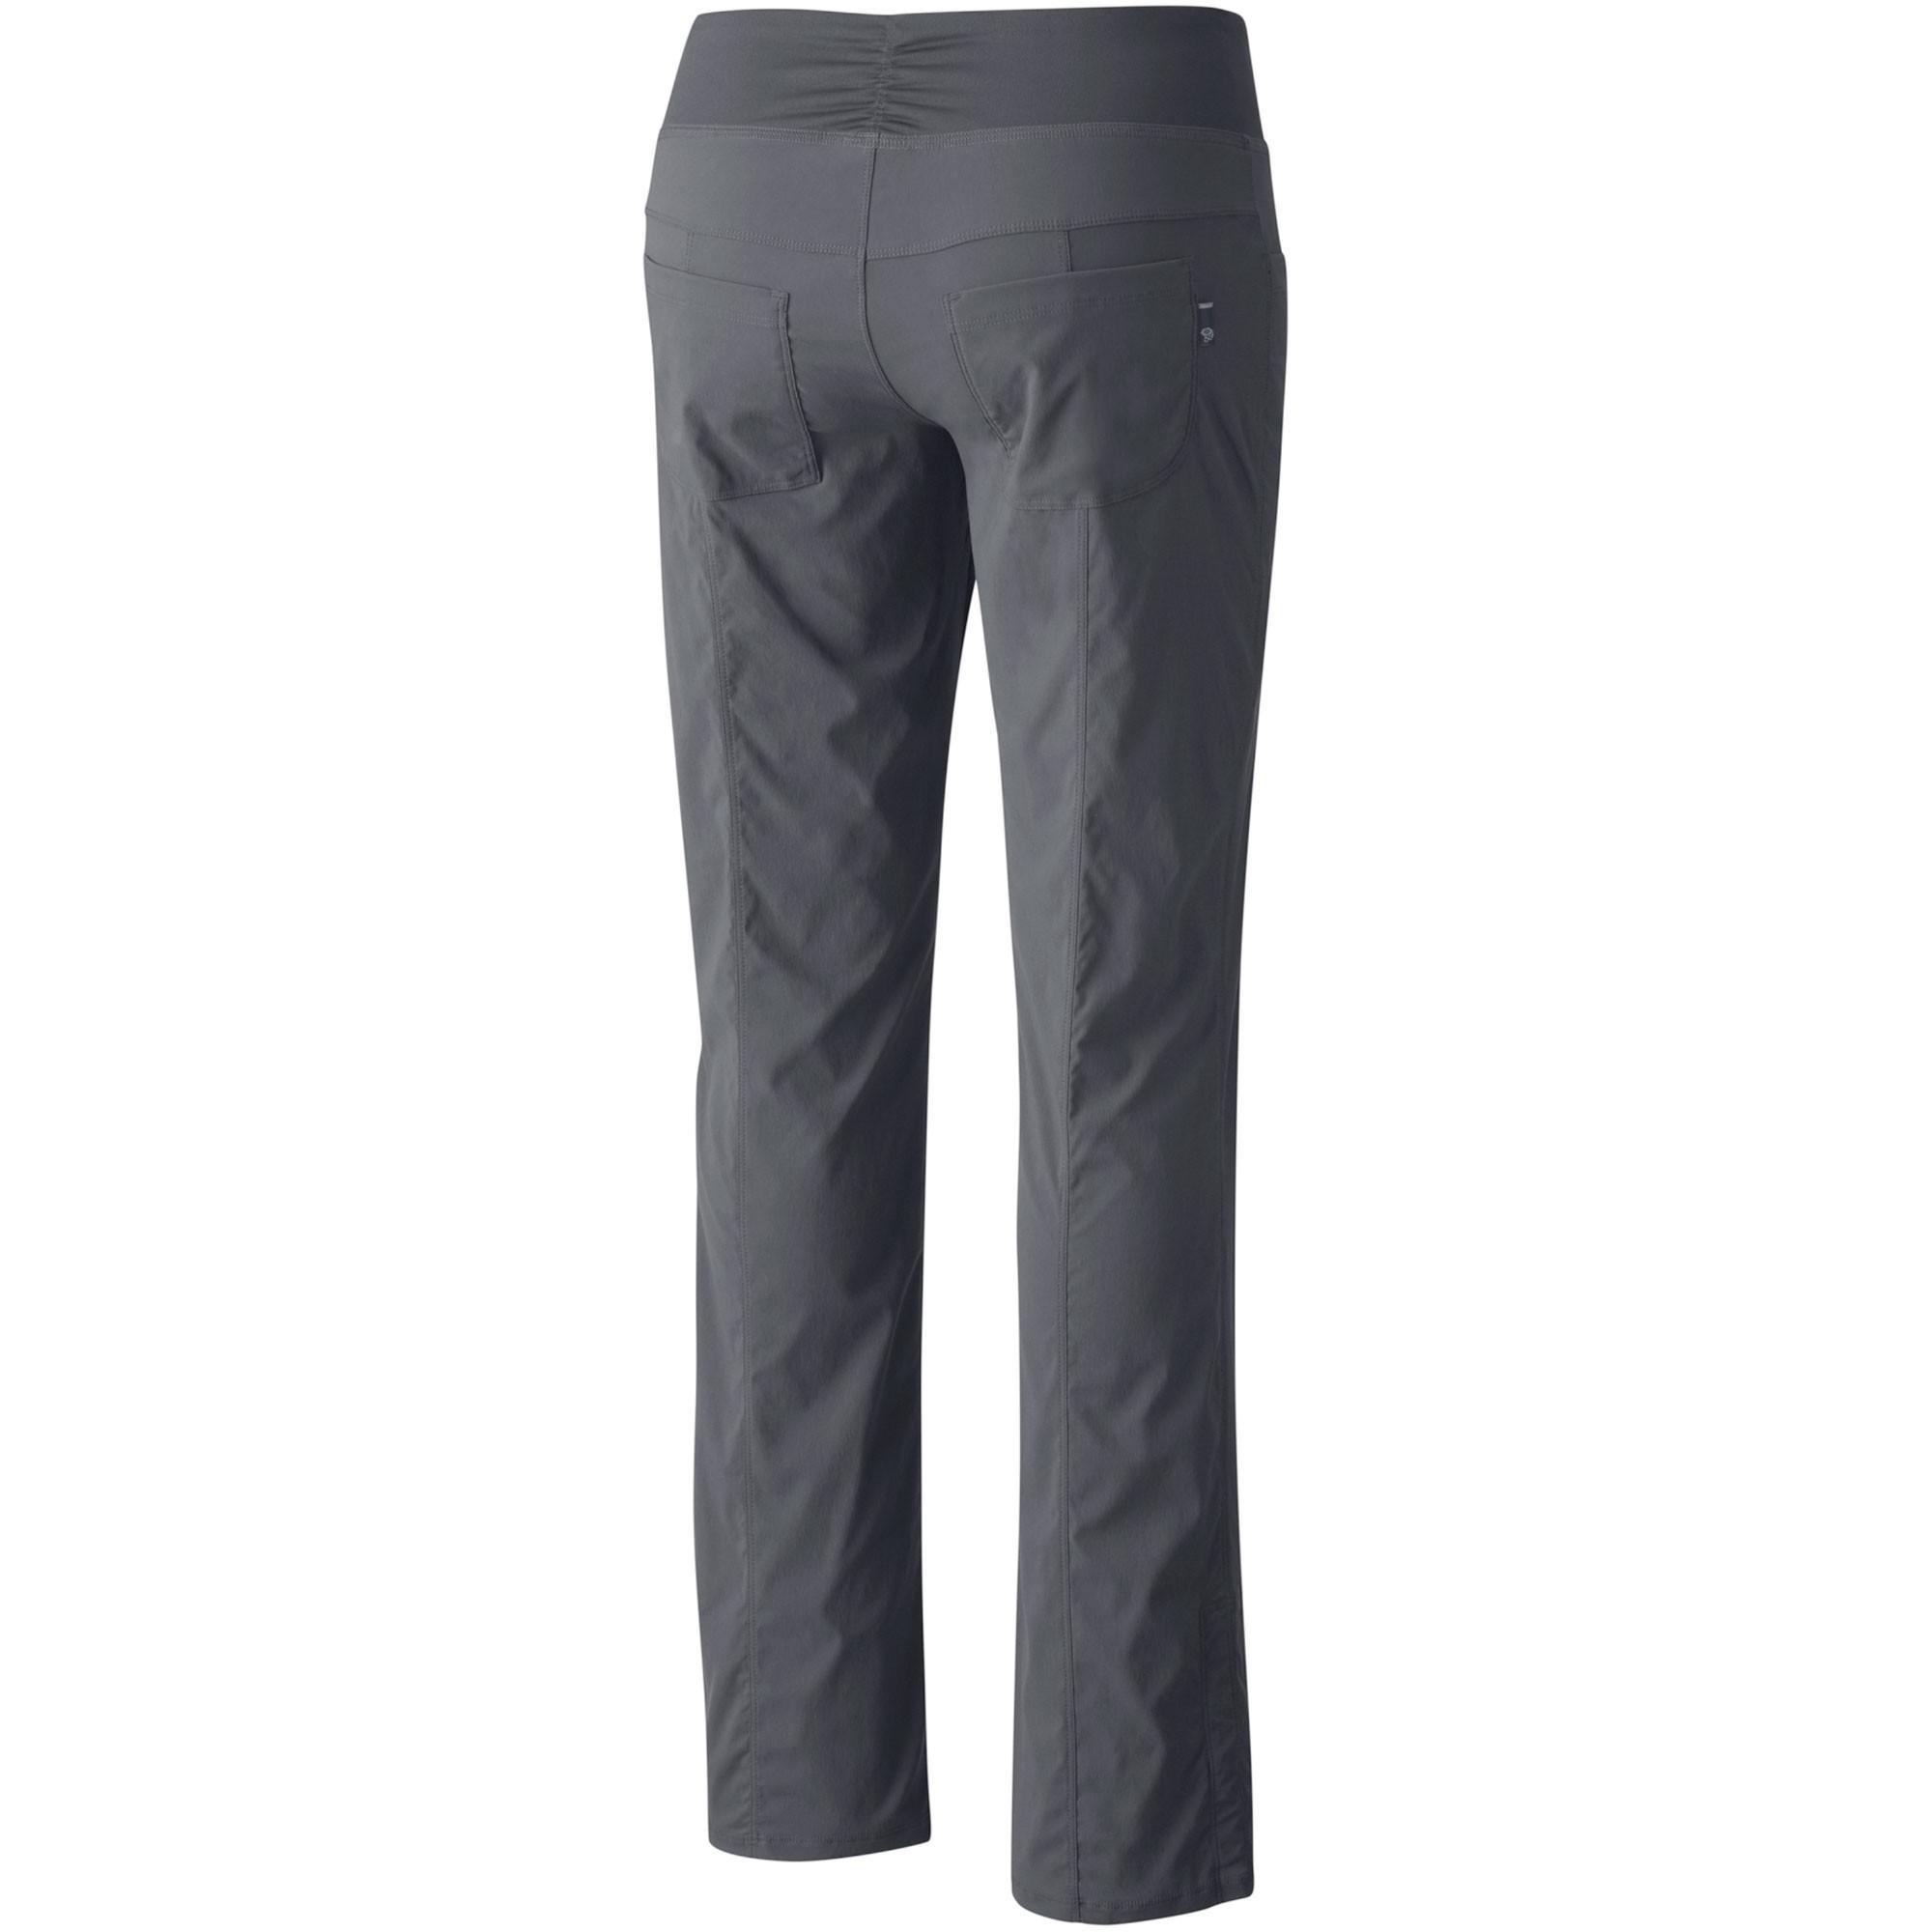 Mountain Hardwear Dynama Pants - Graphite - Back